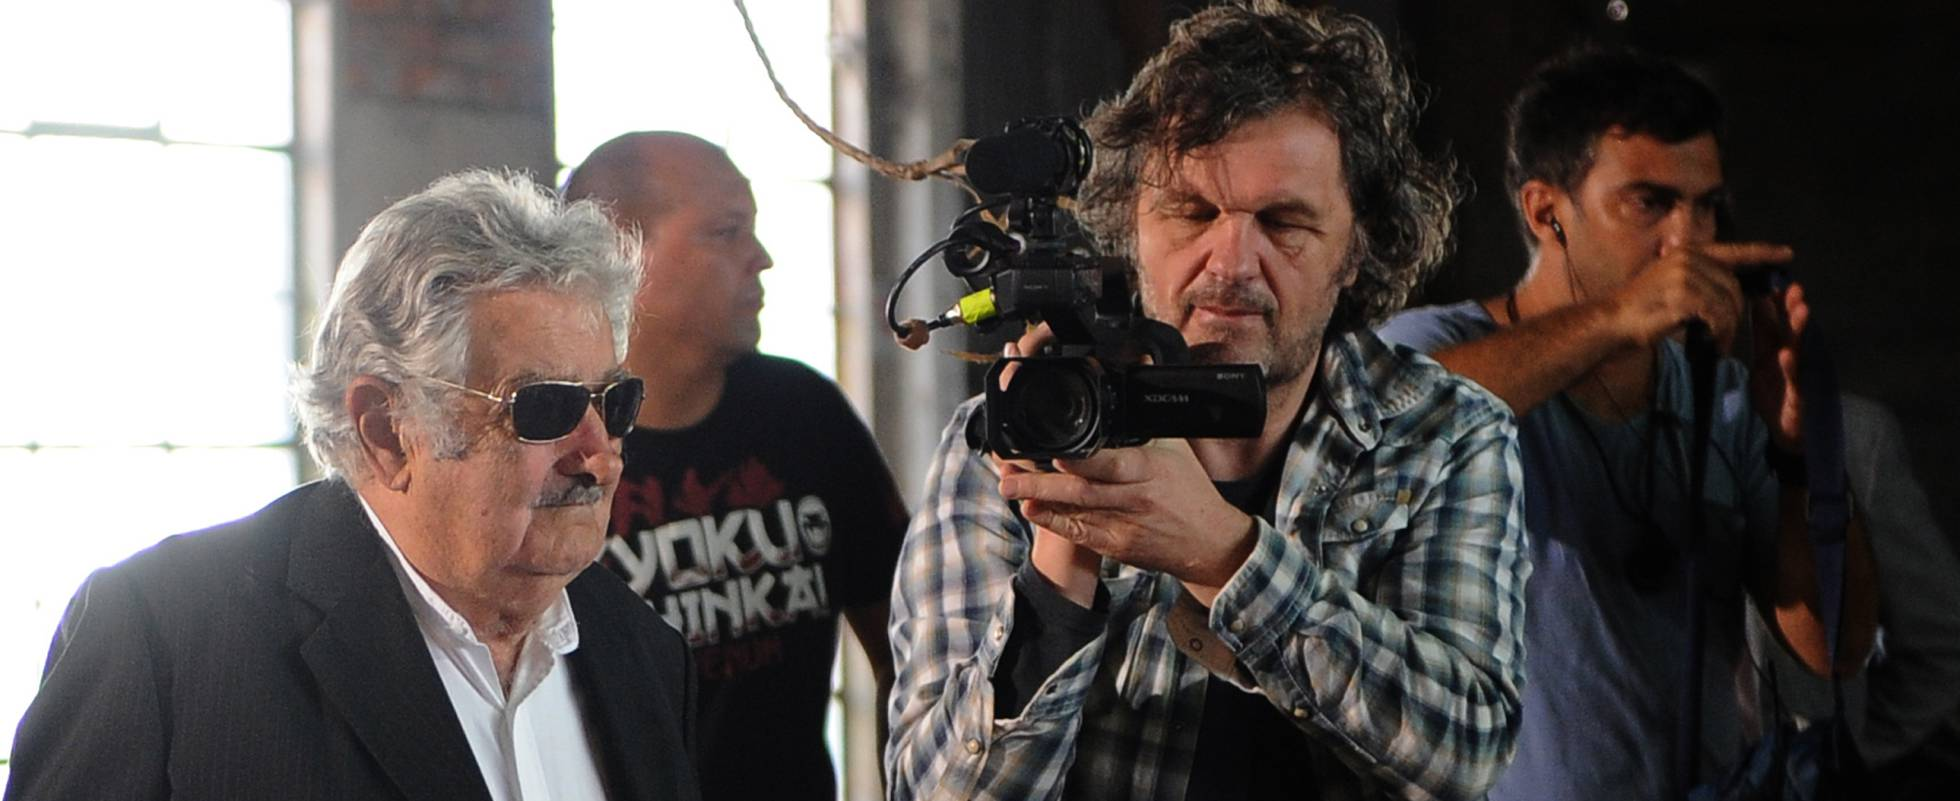 O ex-presidente uruguaio José Mujica, filmado por Emir Kusturica para a obra sobre sua vida